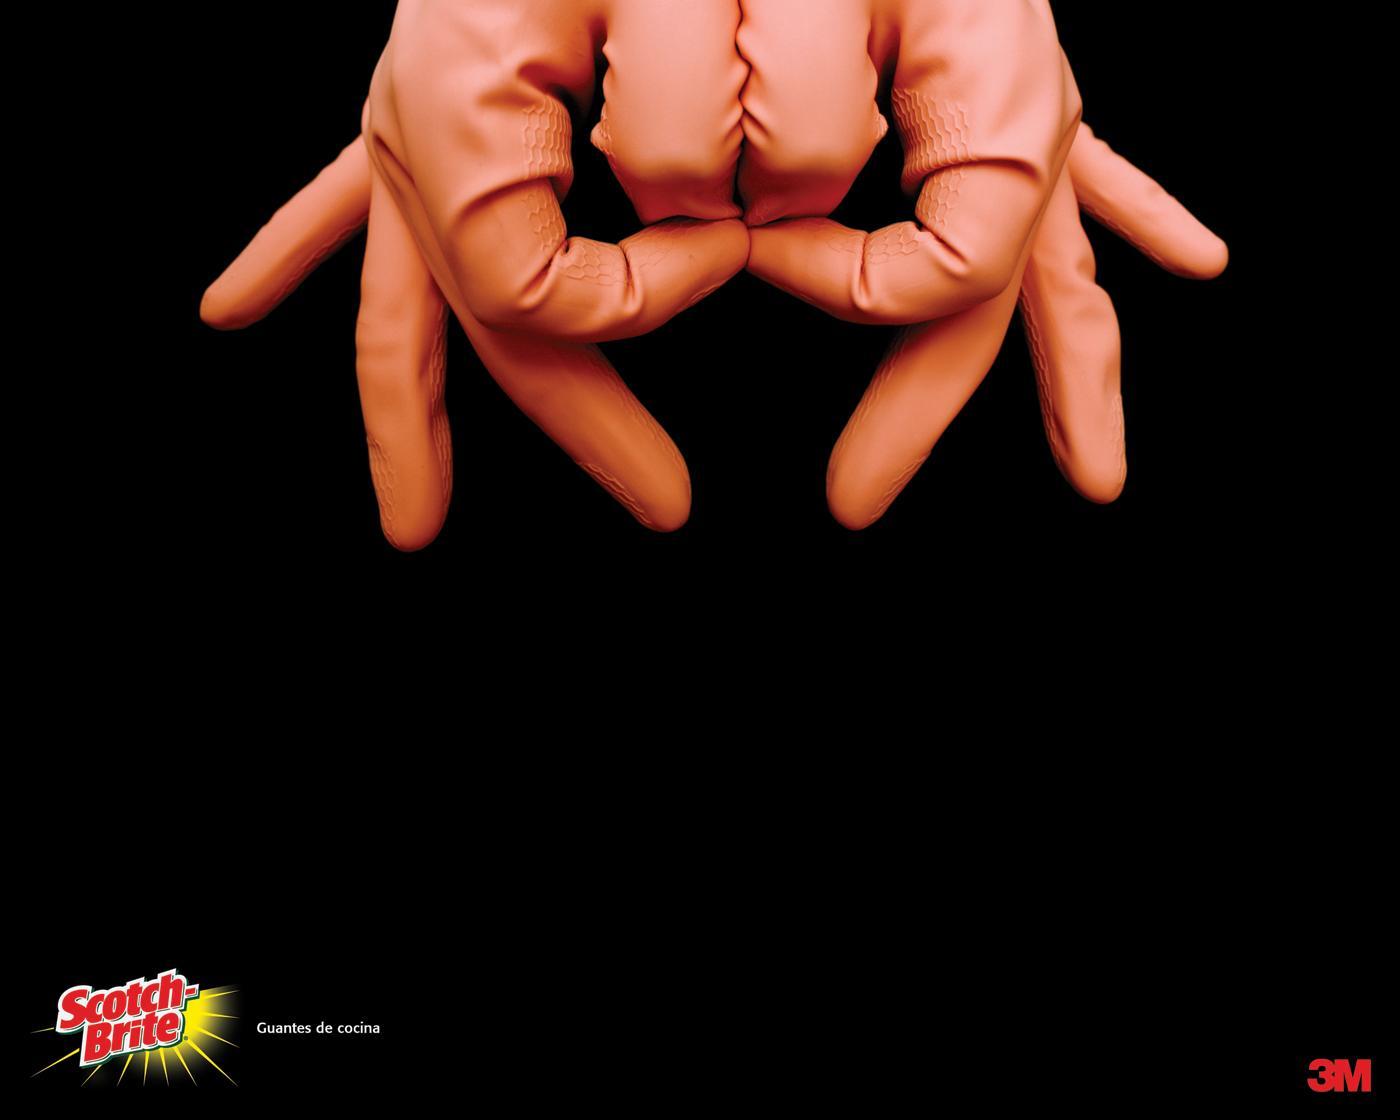 Scotch-Brite Print Ad -  Kitchen gloves, 3